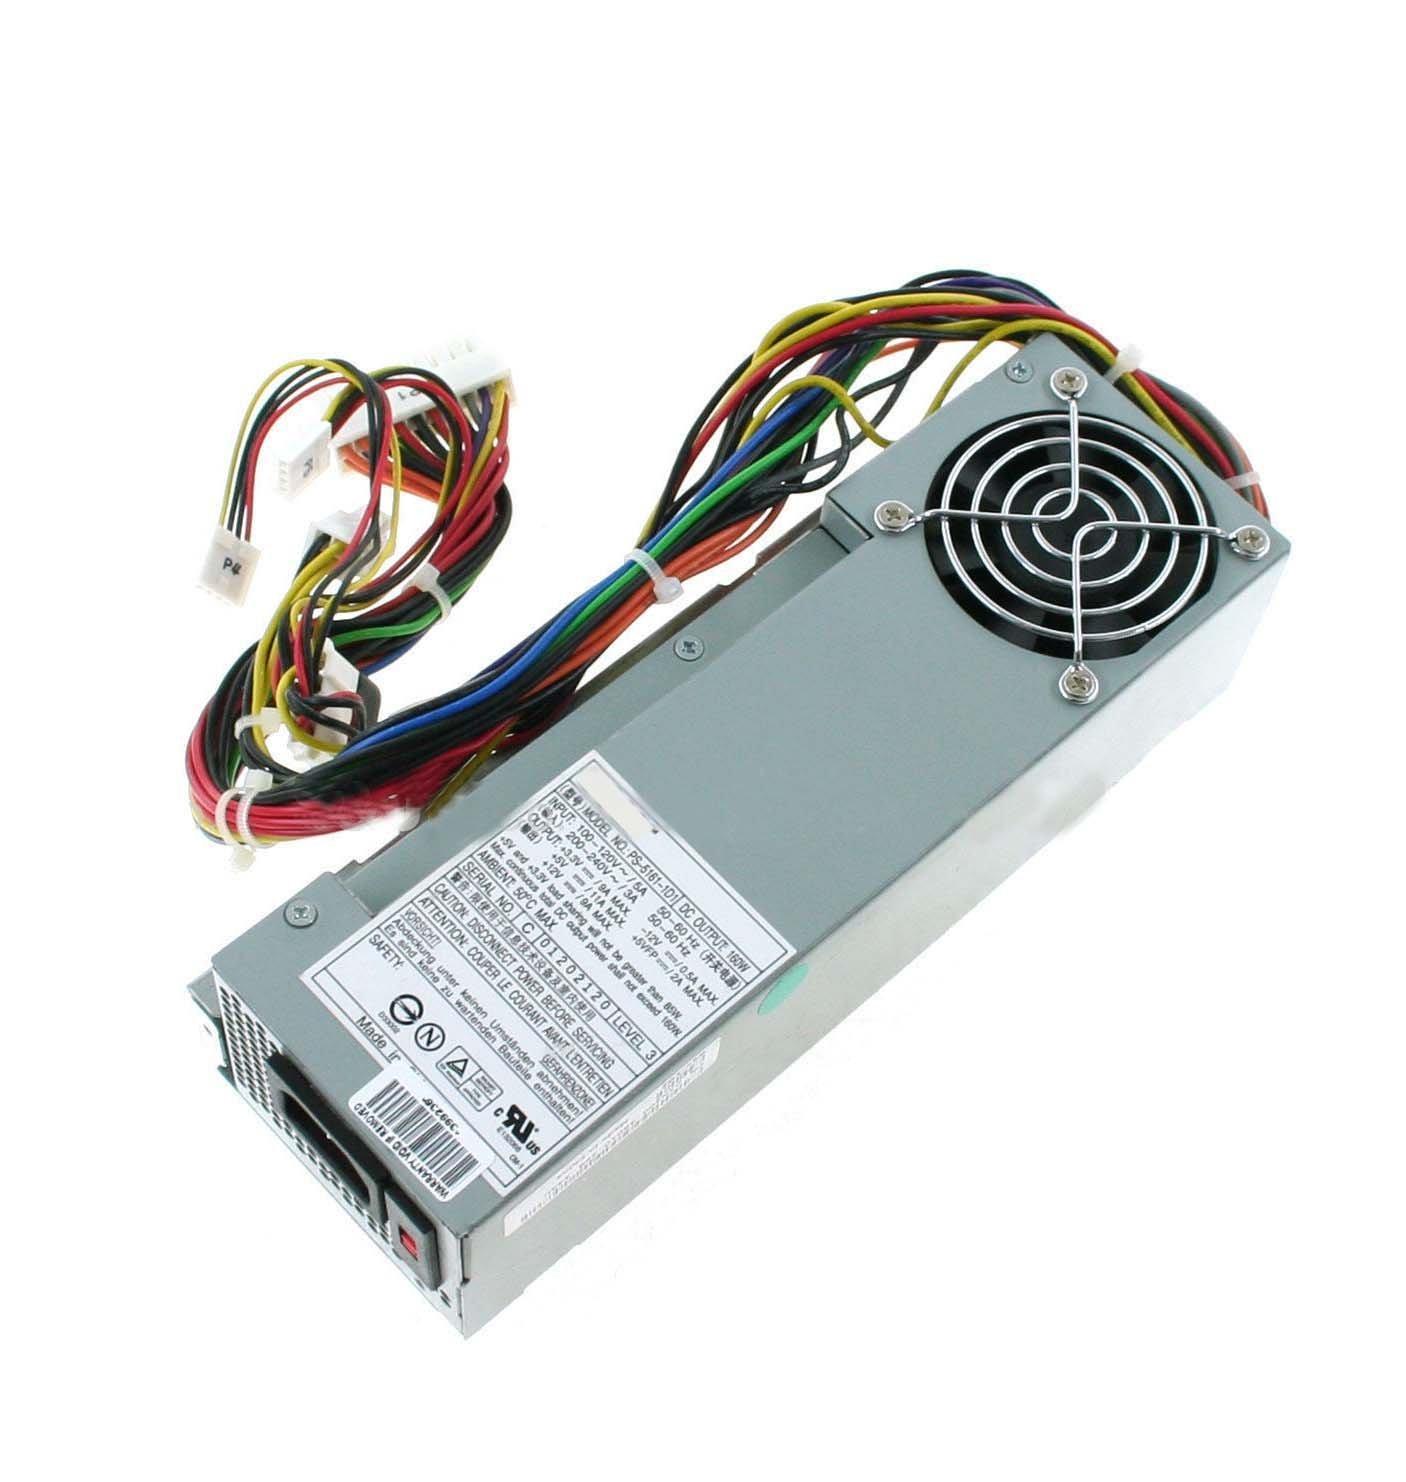 Dell 3N200 Power Supply - 160 Watt for Optiplex GX50, GX150, GX240,Gx